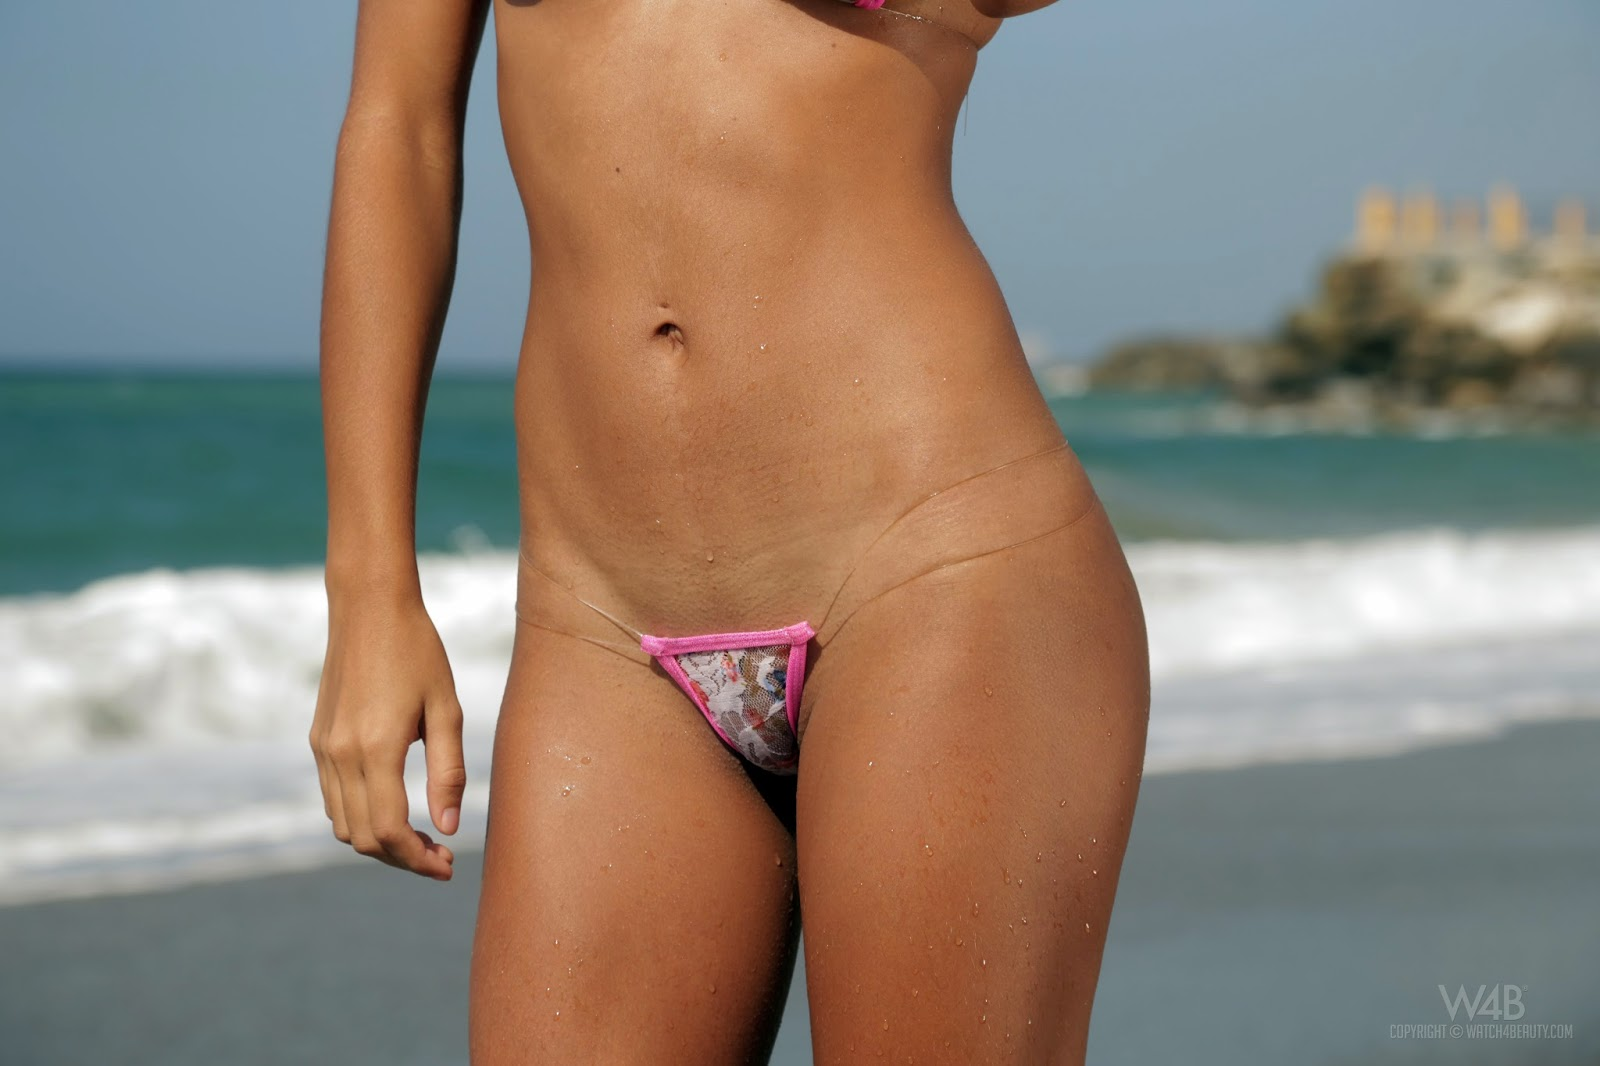 Watch4Beauty Cecilia Mini Bikini Photo Set And HD Video